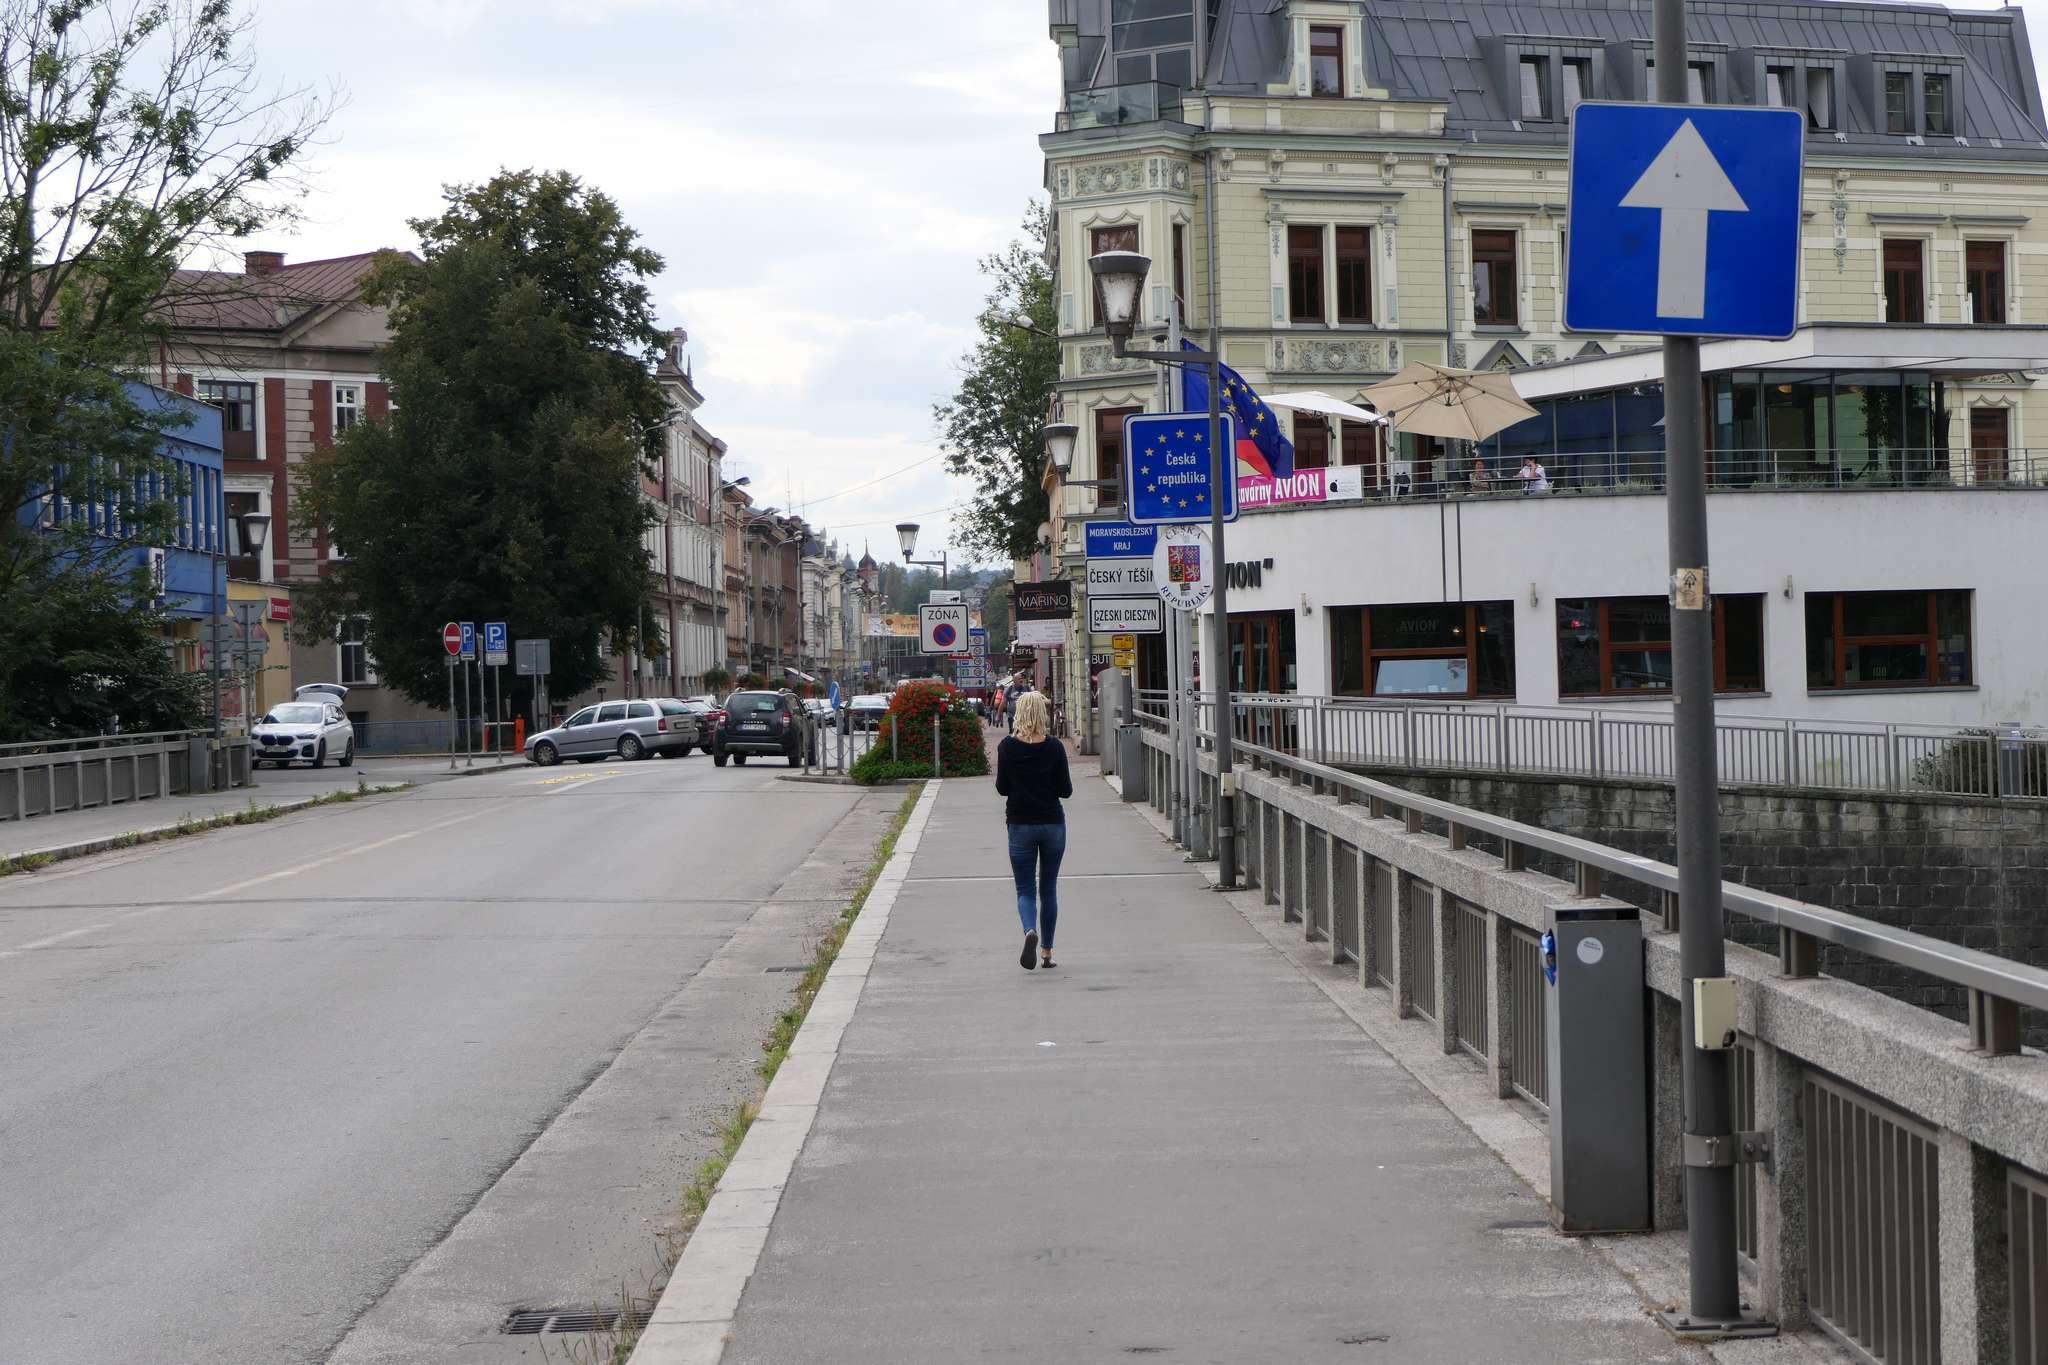 """Na moście Przyjaźni mimo upływu 4 lat wciąż brak tabliczki """"Nie dotyczy rowerów"""" o znakiem """"droga jednokierunkowa""""."""